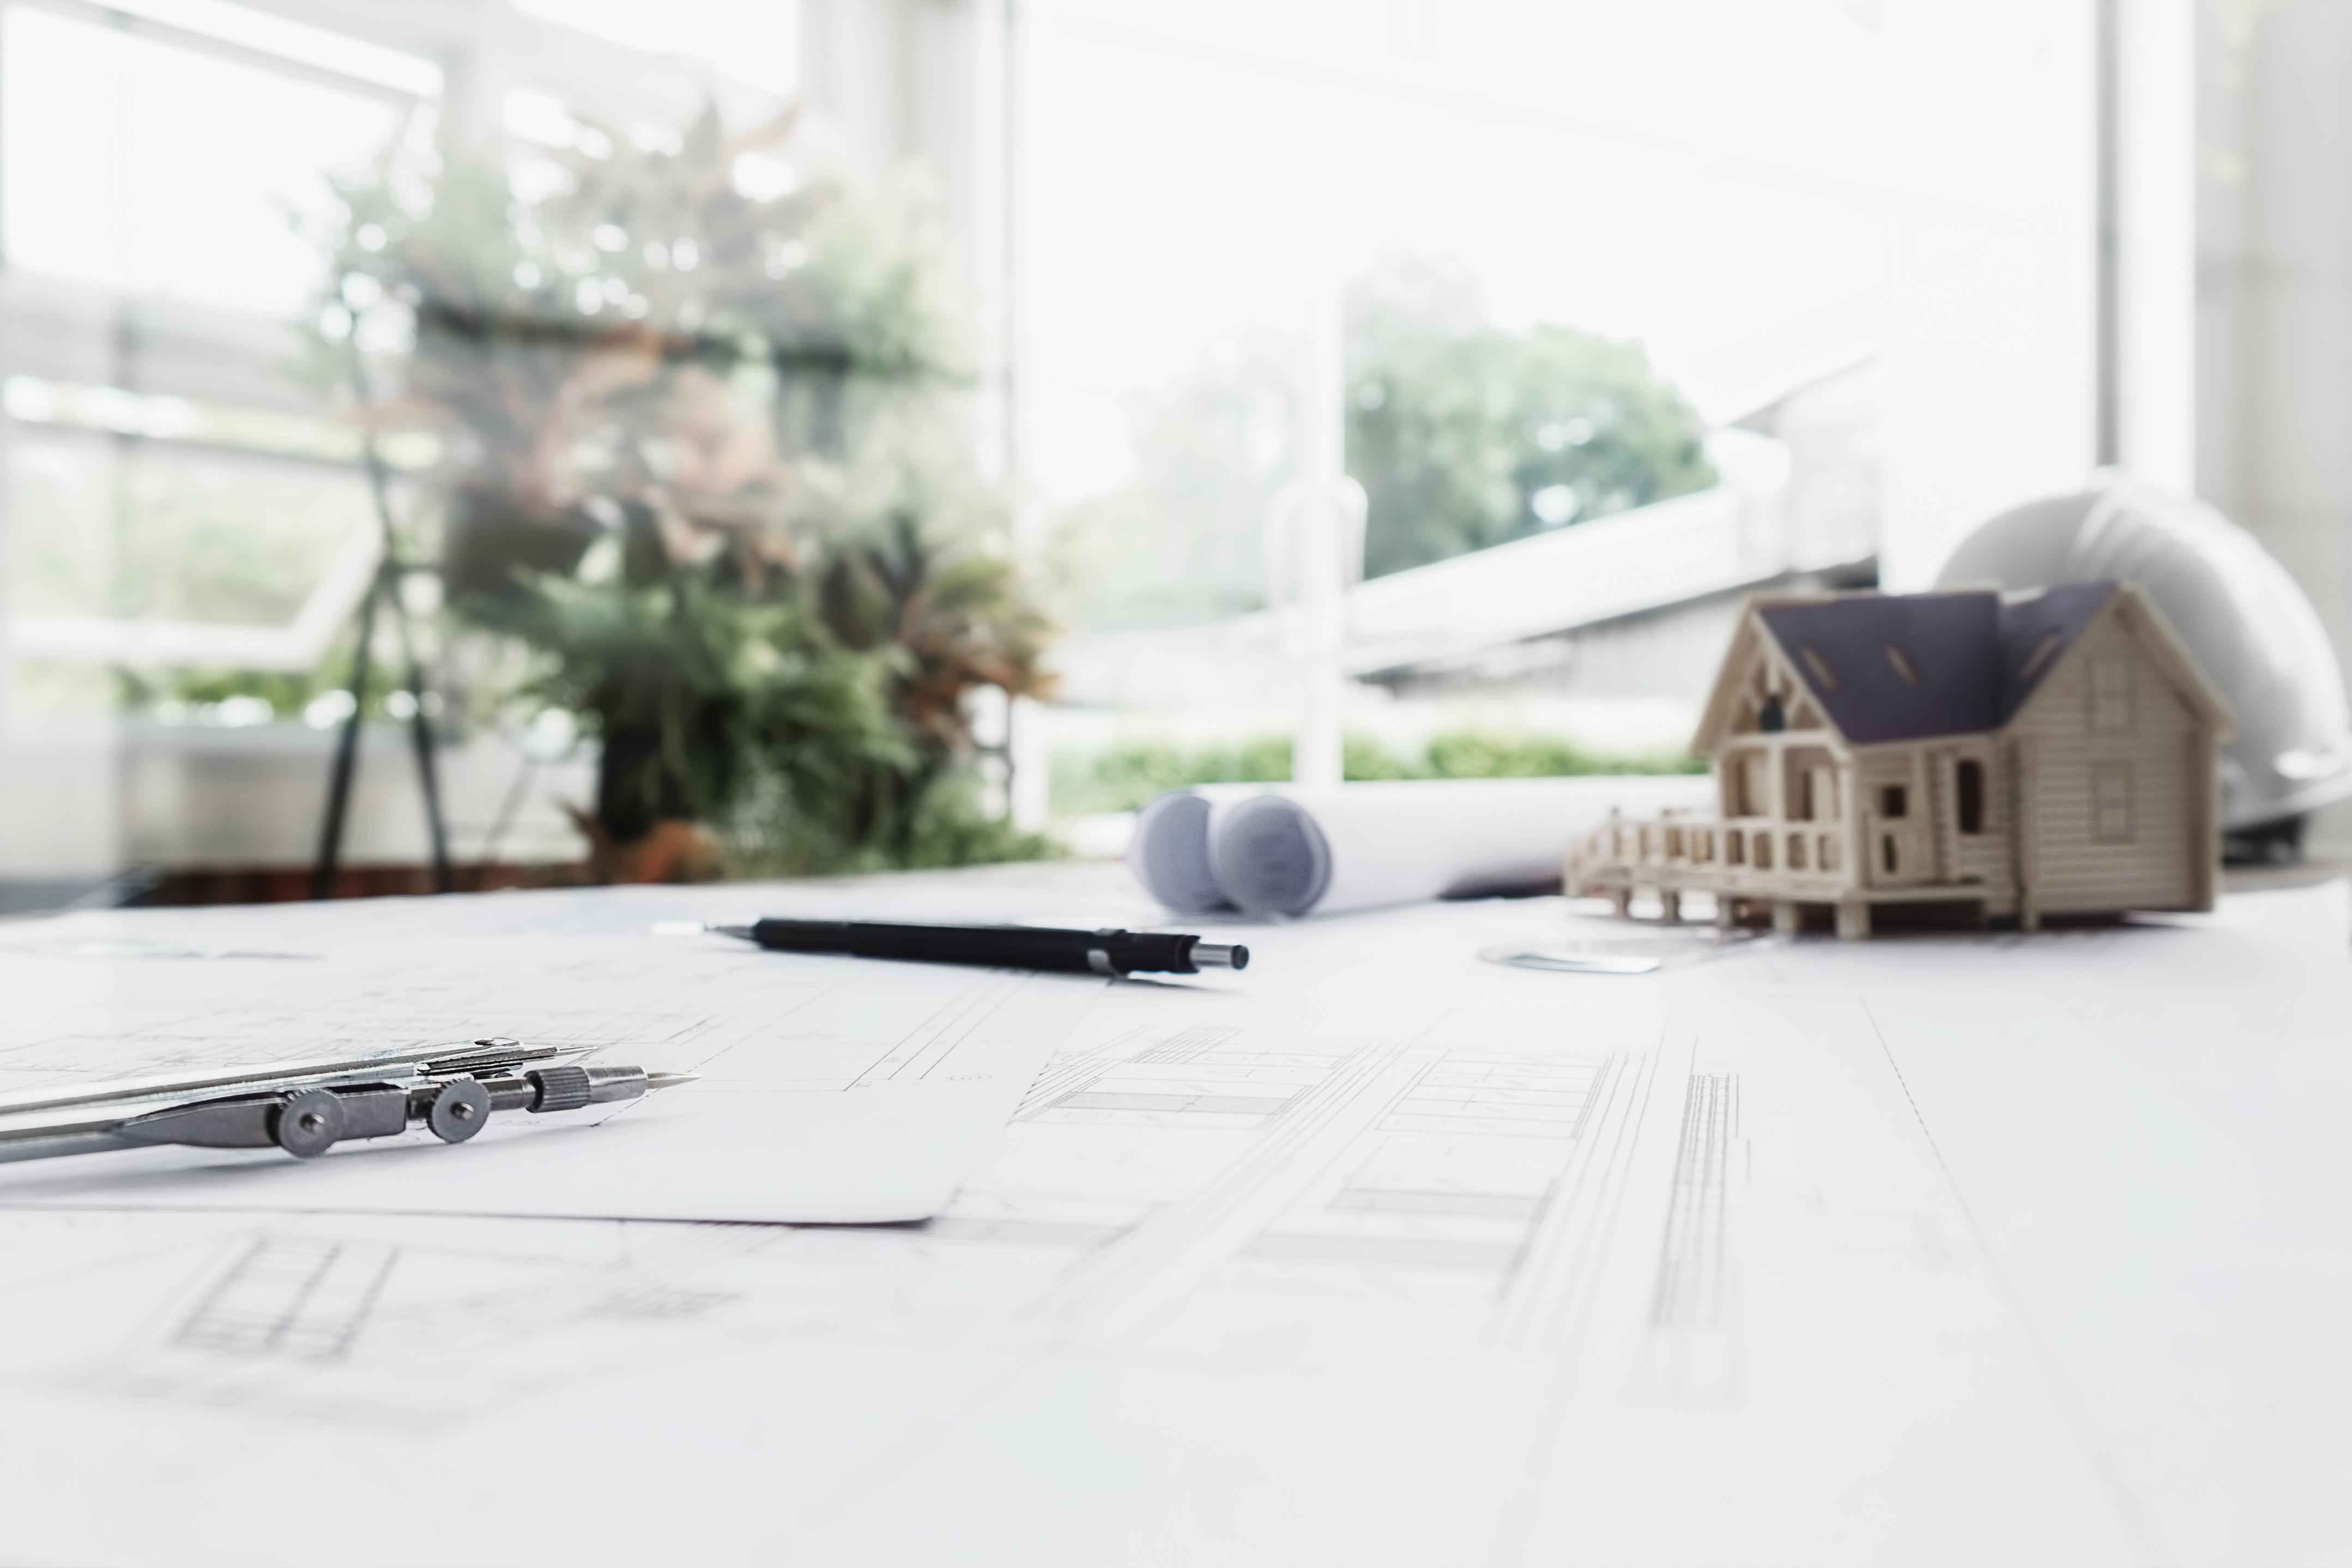 Agevolazioni fiscali 2018: confermato il Bonus Casa